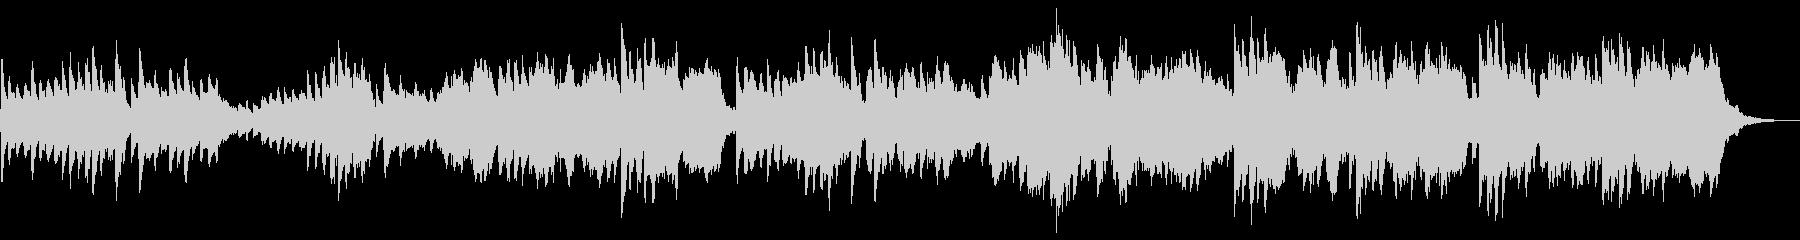 室内楽 クラシック 交響曲 アクテ...の未再生の波形